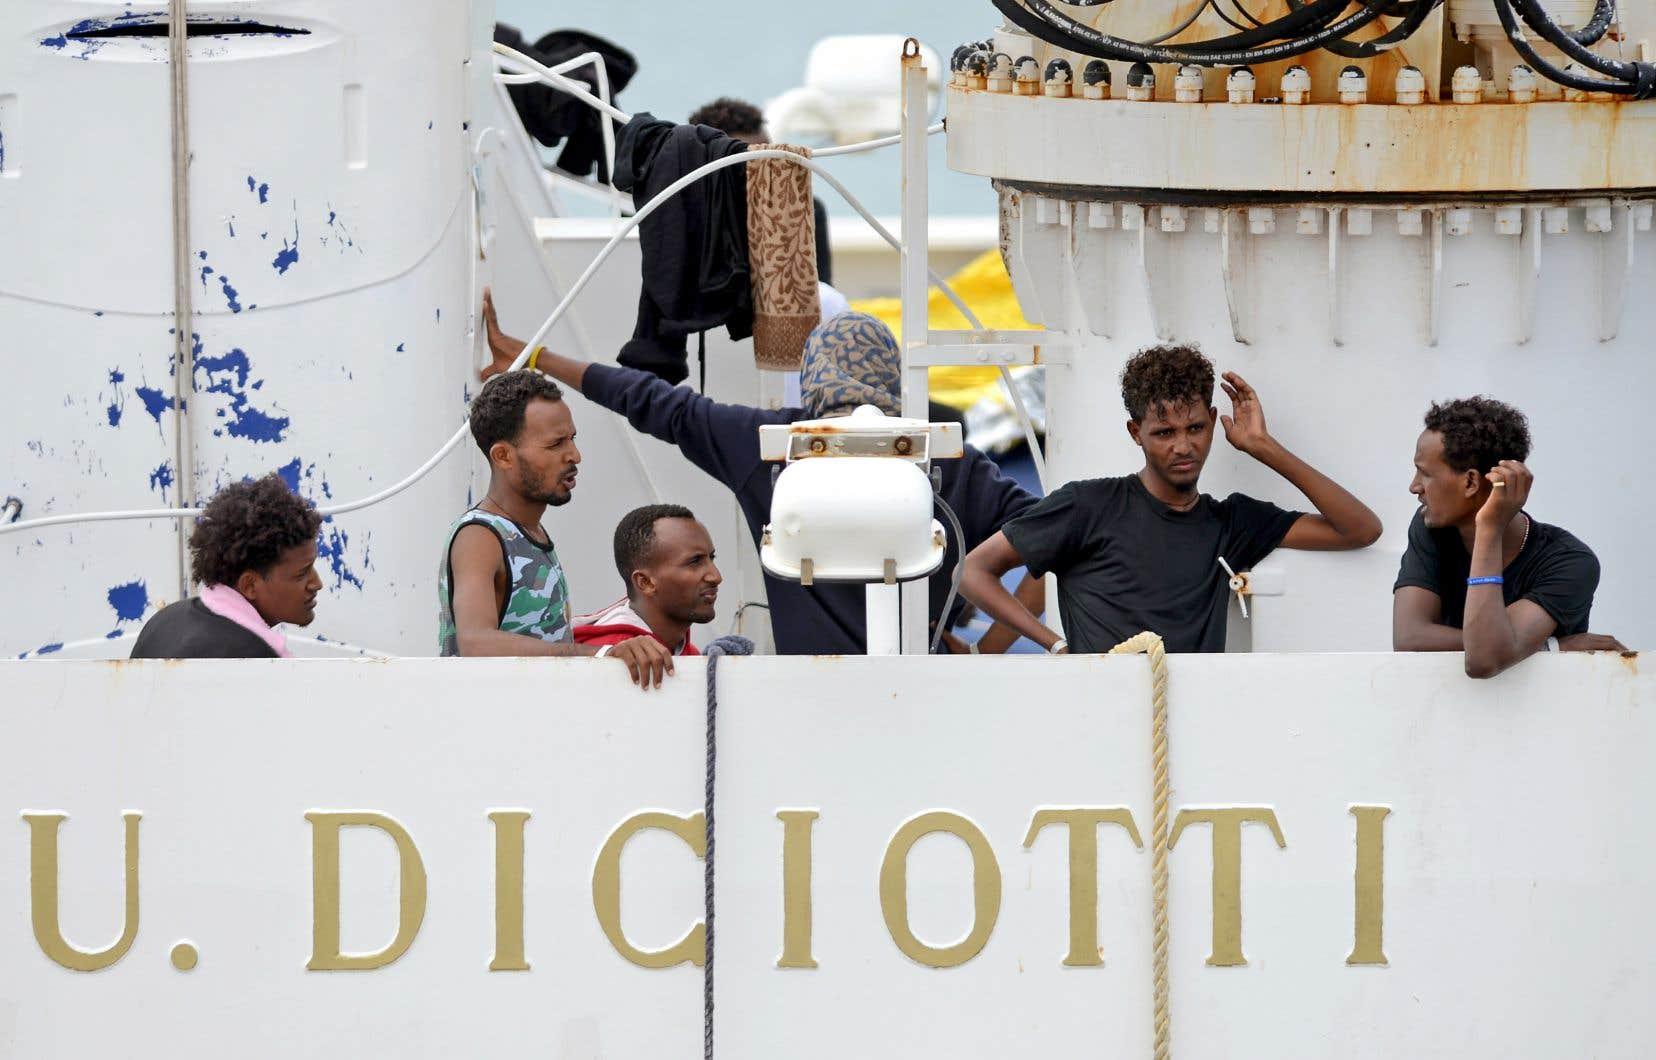 Le procureur du parquet d'Agrigente avait ouvert le premier une enquête sur cette affaire, cherchant à comprendre la chaîne de commandement et à savoir qui a donné l'ordre d'interdire le débarquement des migrants.